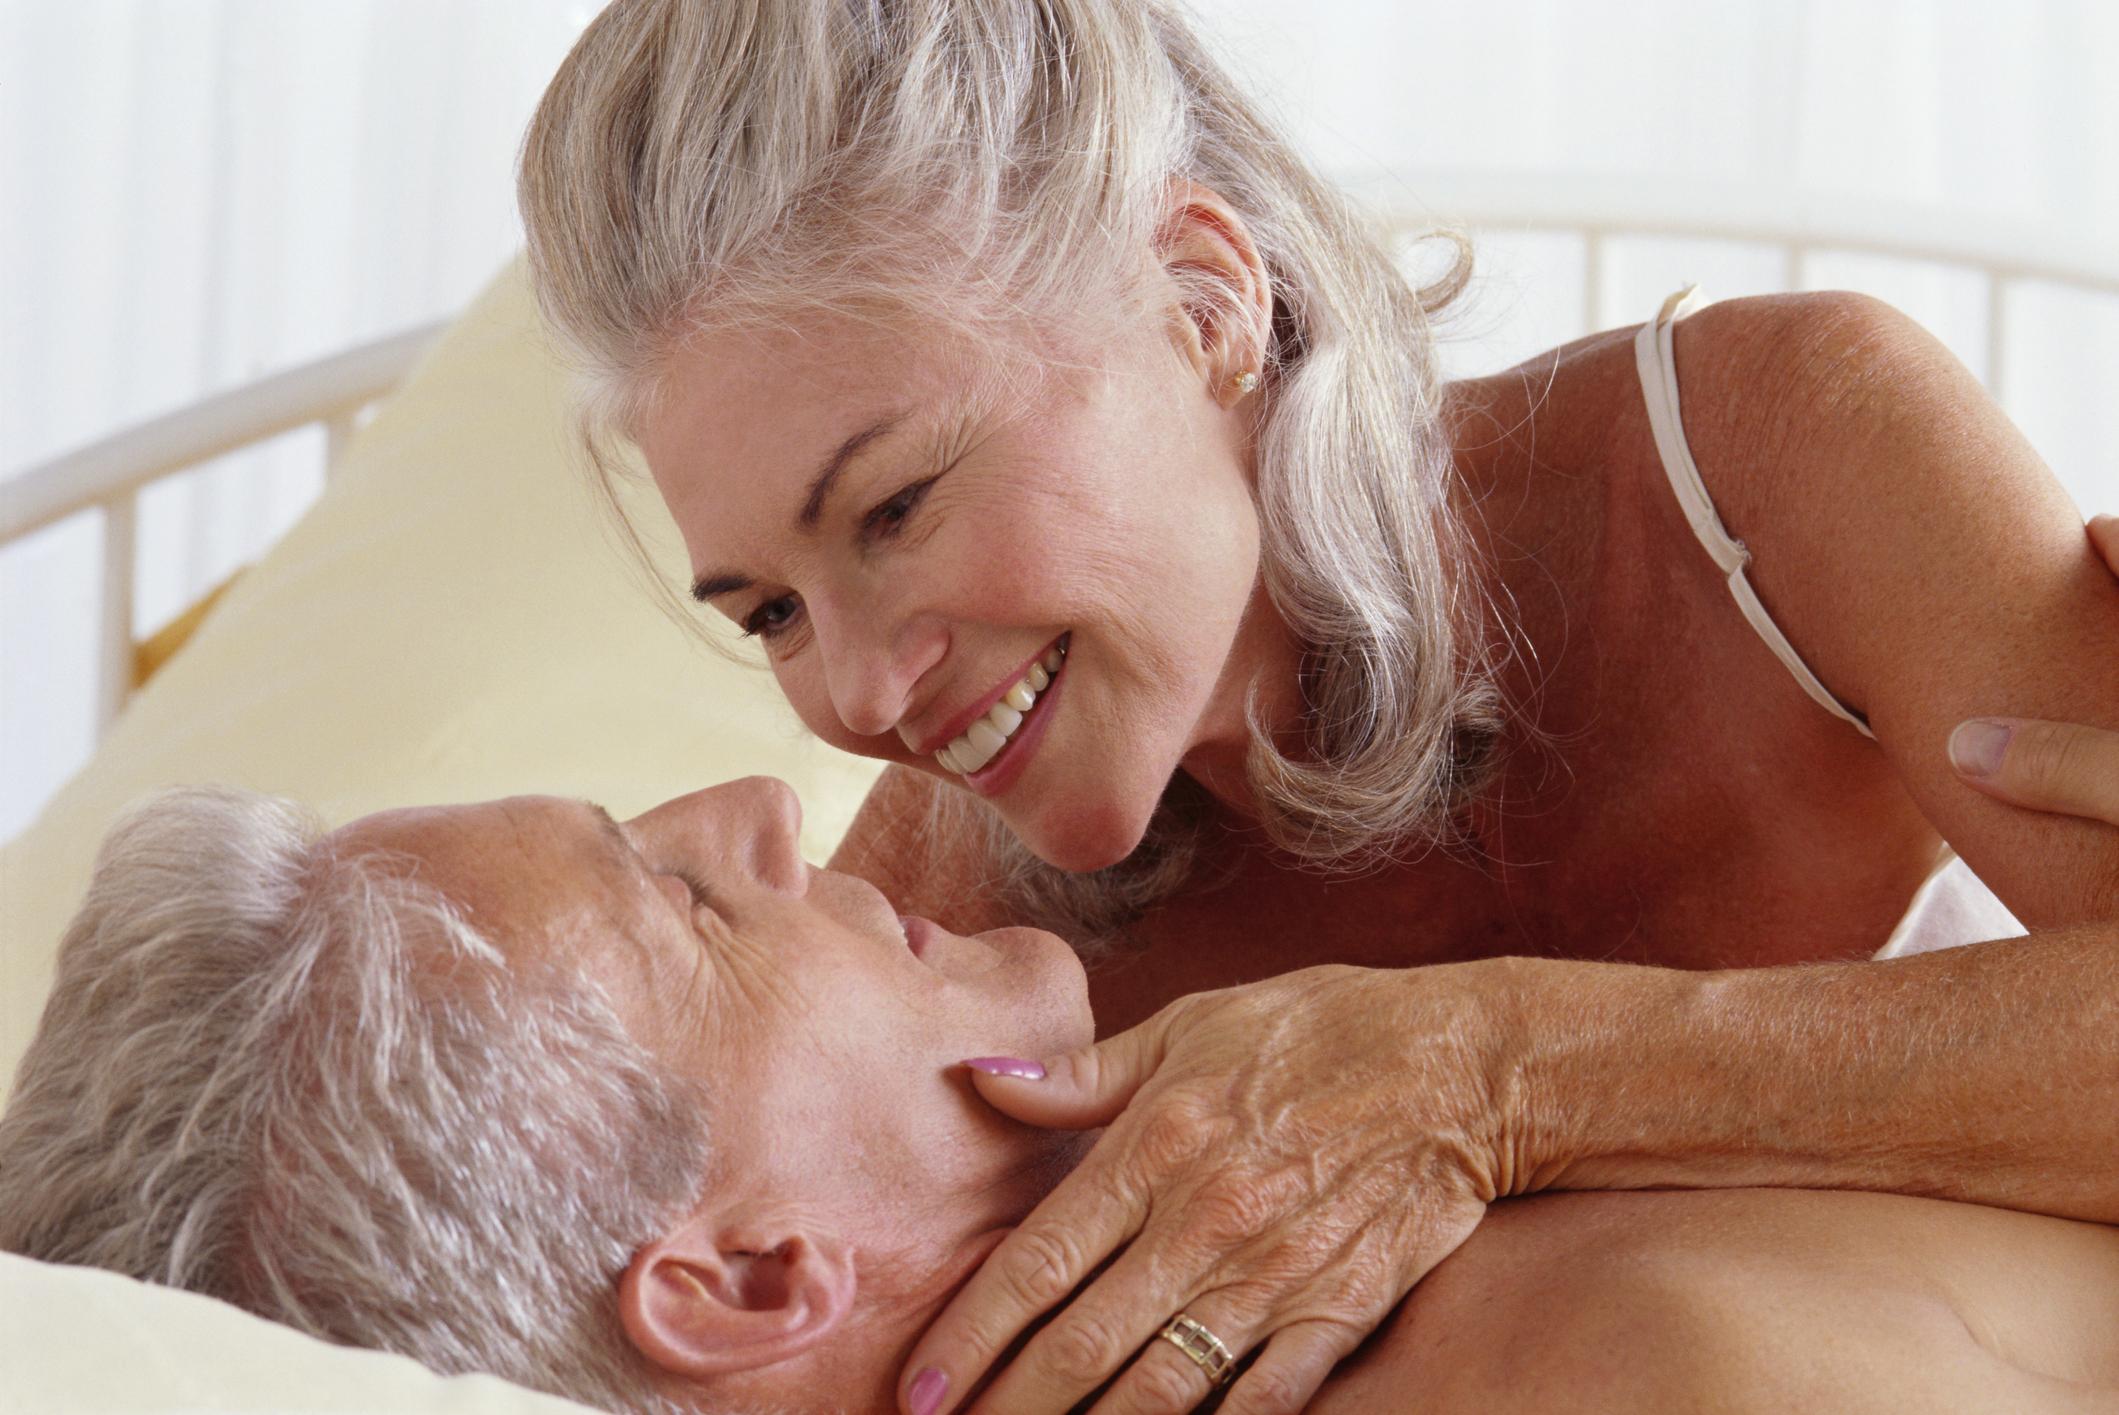 casal de homem e mulher na cama antes de se beijar